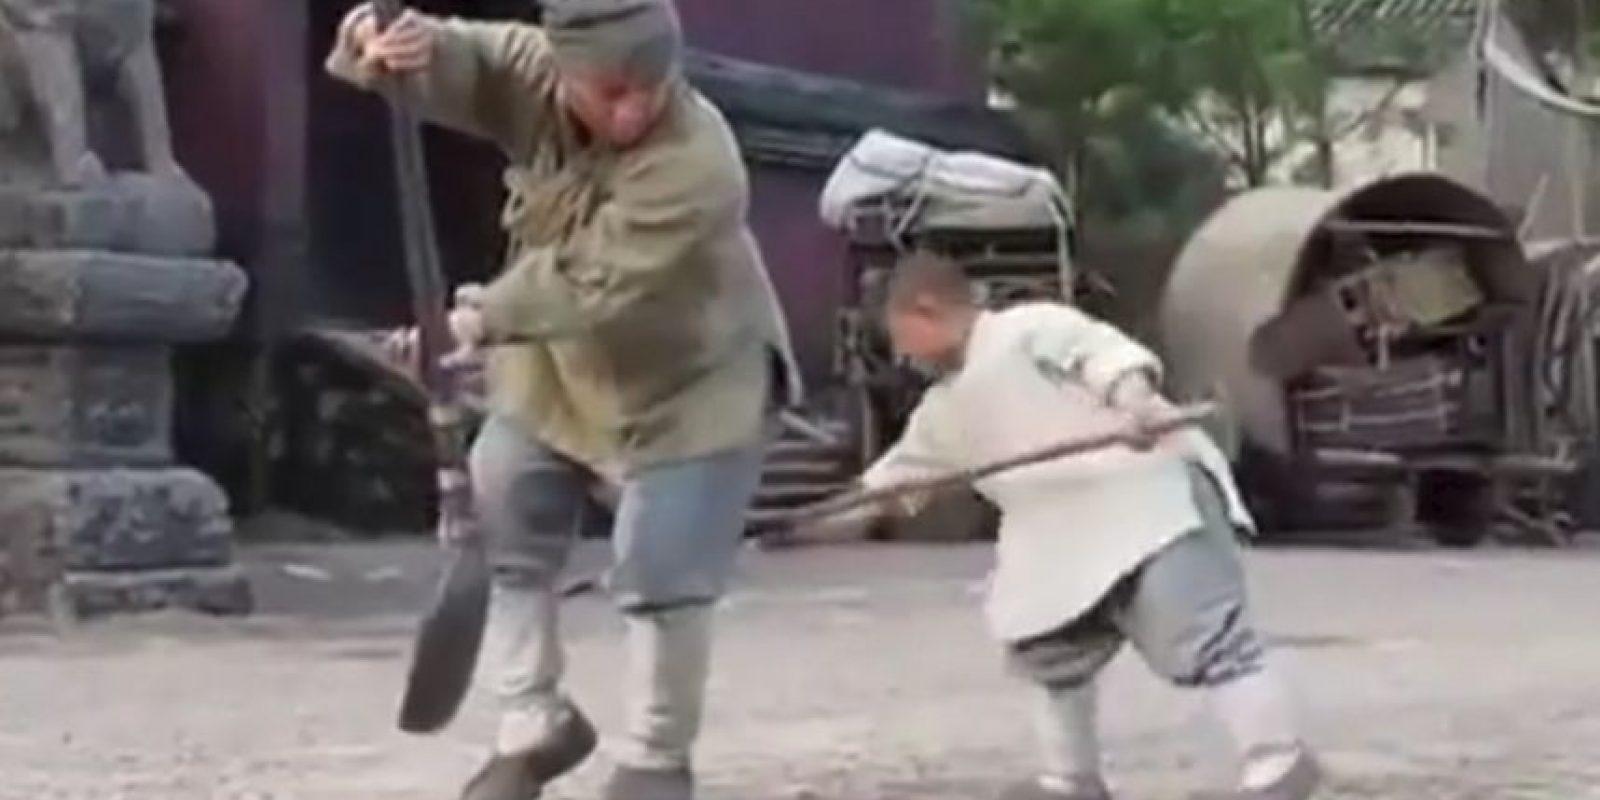 La técnica de Kung Fu Shaolin es una forma antigua de ejercicio de artes marciales. Foto:Vía Youtube/JackieChanFanClubIndia